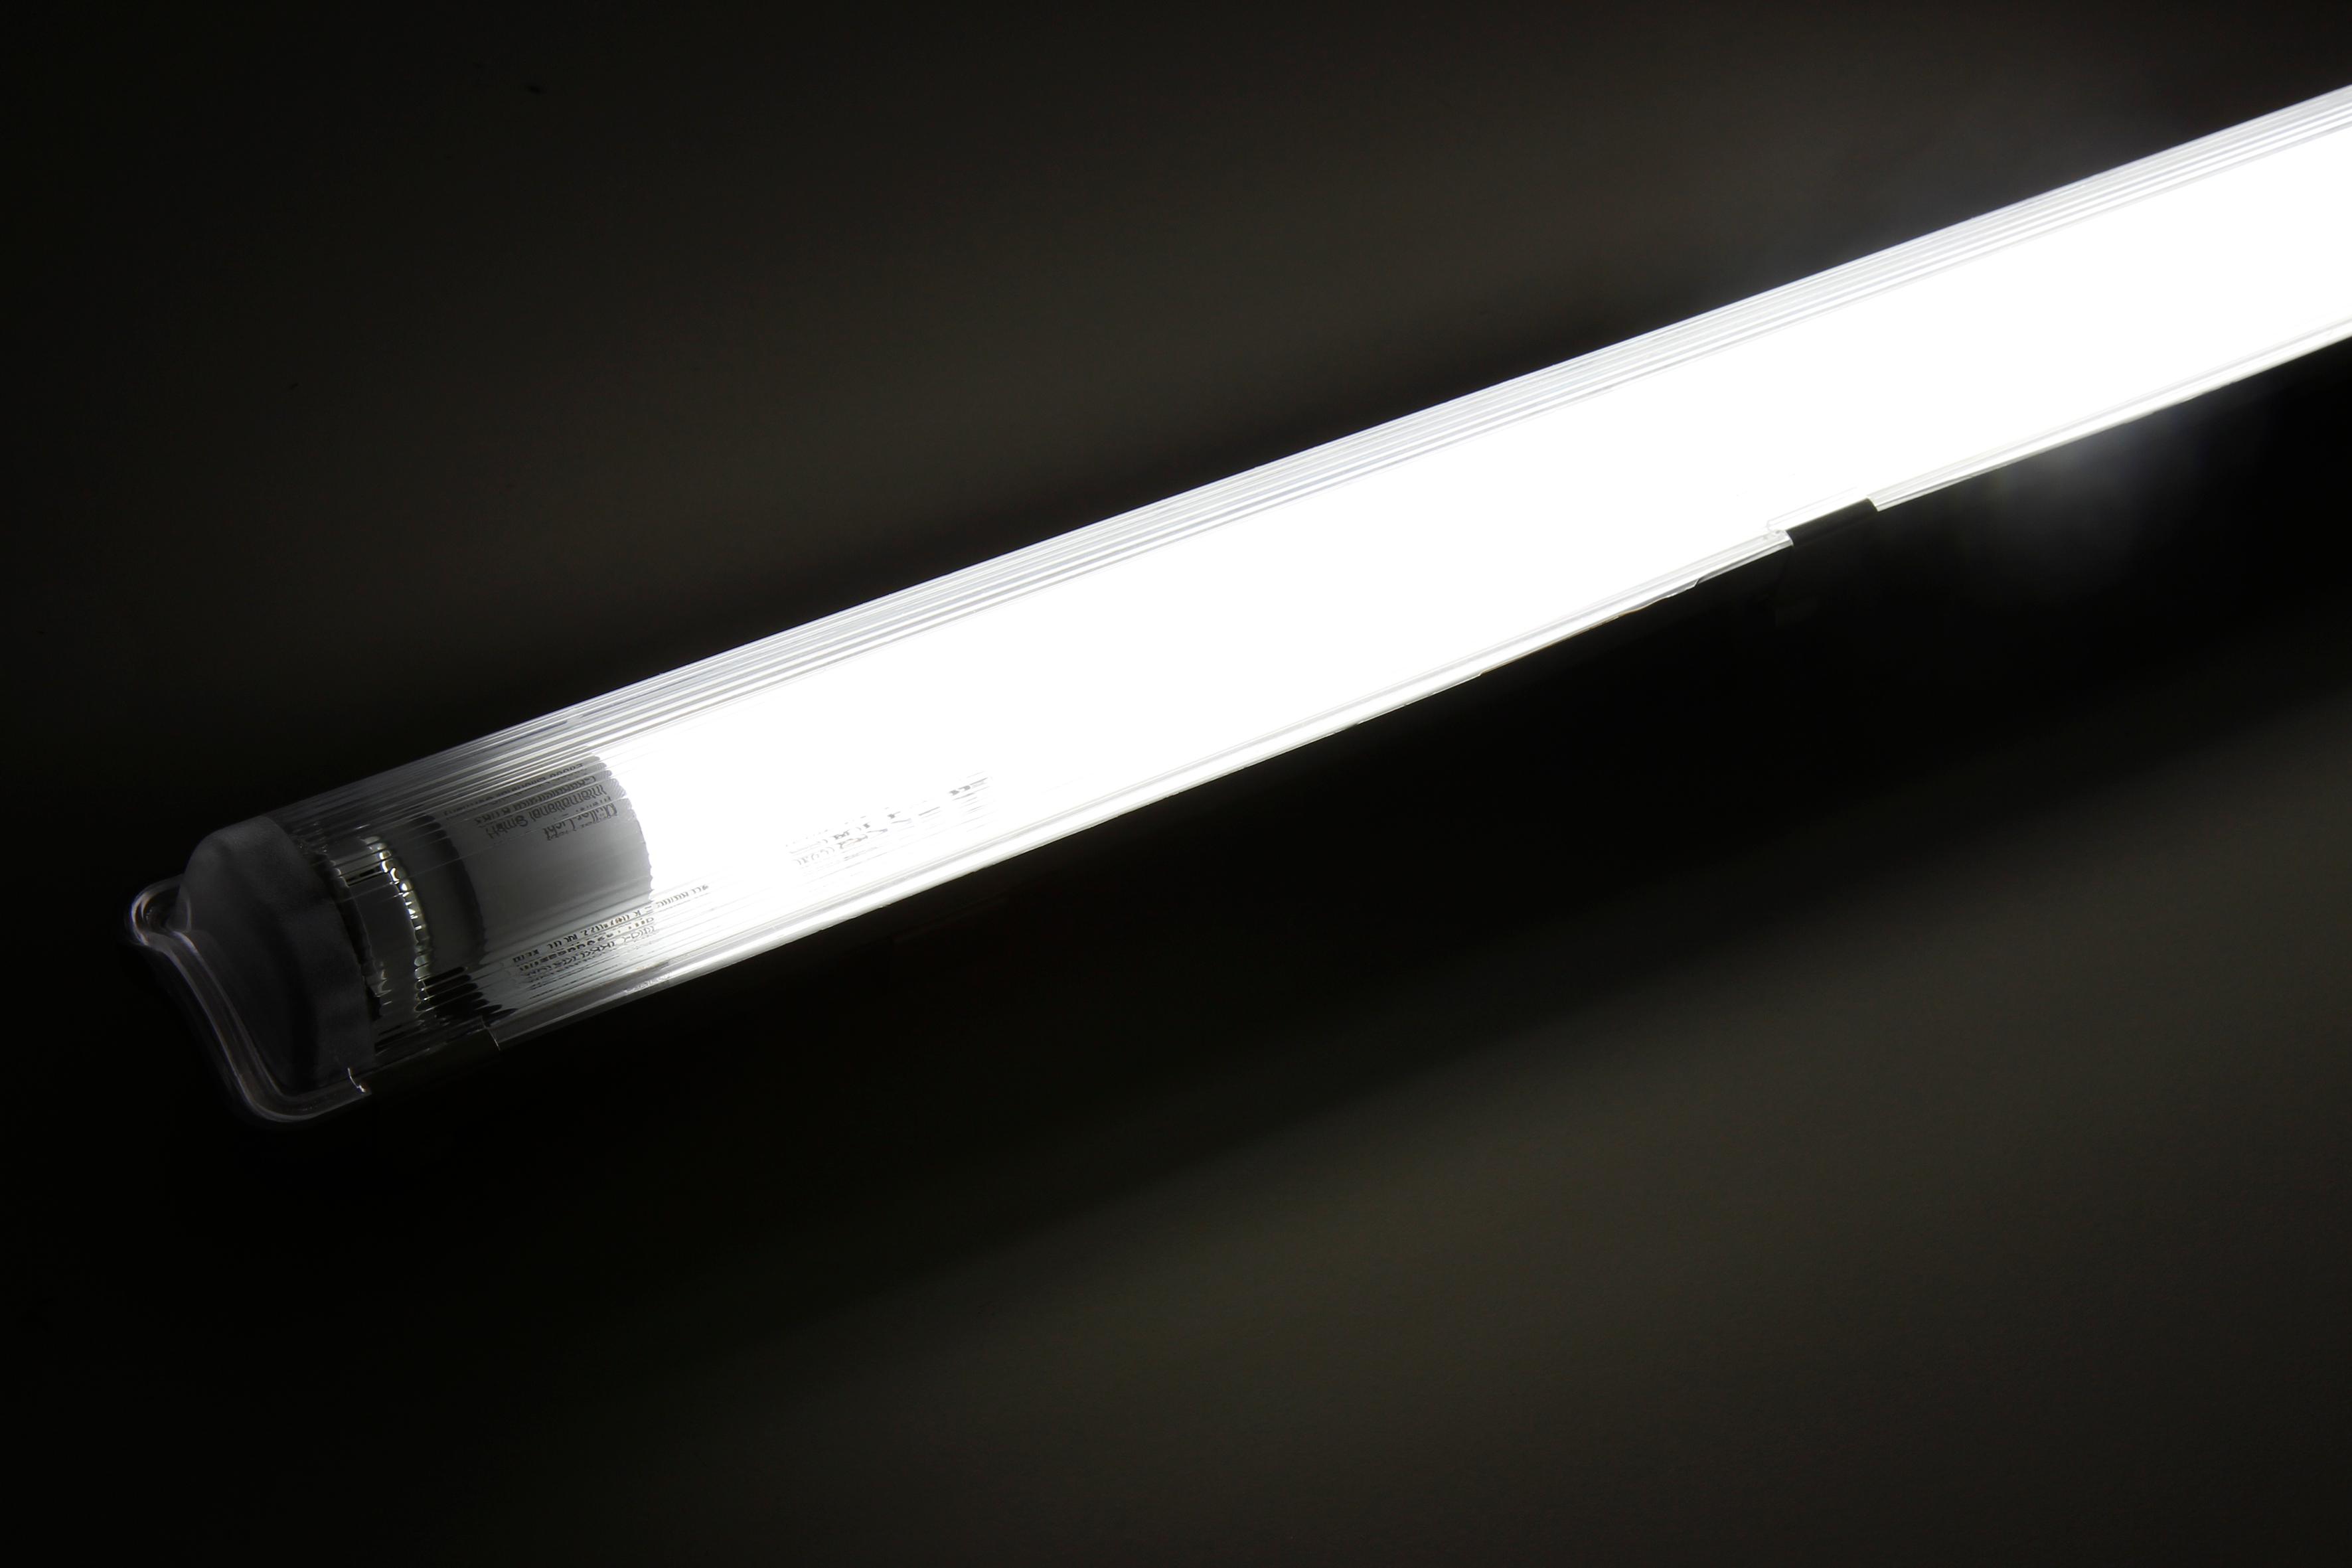 LED-Deckenleuchte für Feuchträume, IP65, 1x 2.000 lm, 4000K, 150cm, neutralweiß